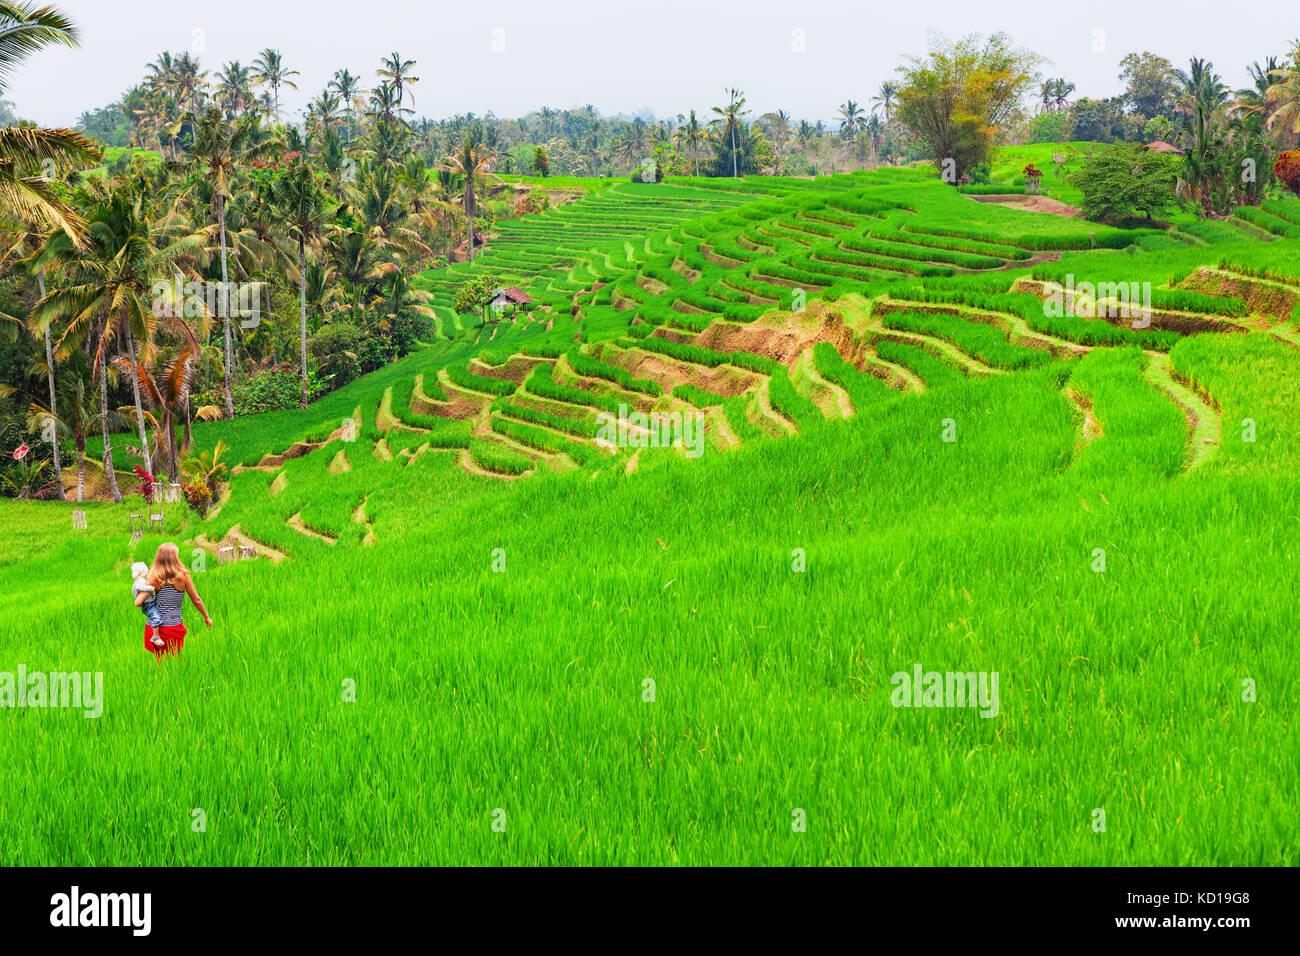 Madre con bambino figlio a piedi in terrazza plantation con crescente riso verde. Splendida vista dei campi tradizionali. Immagini Stock